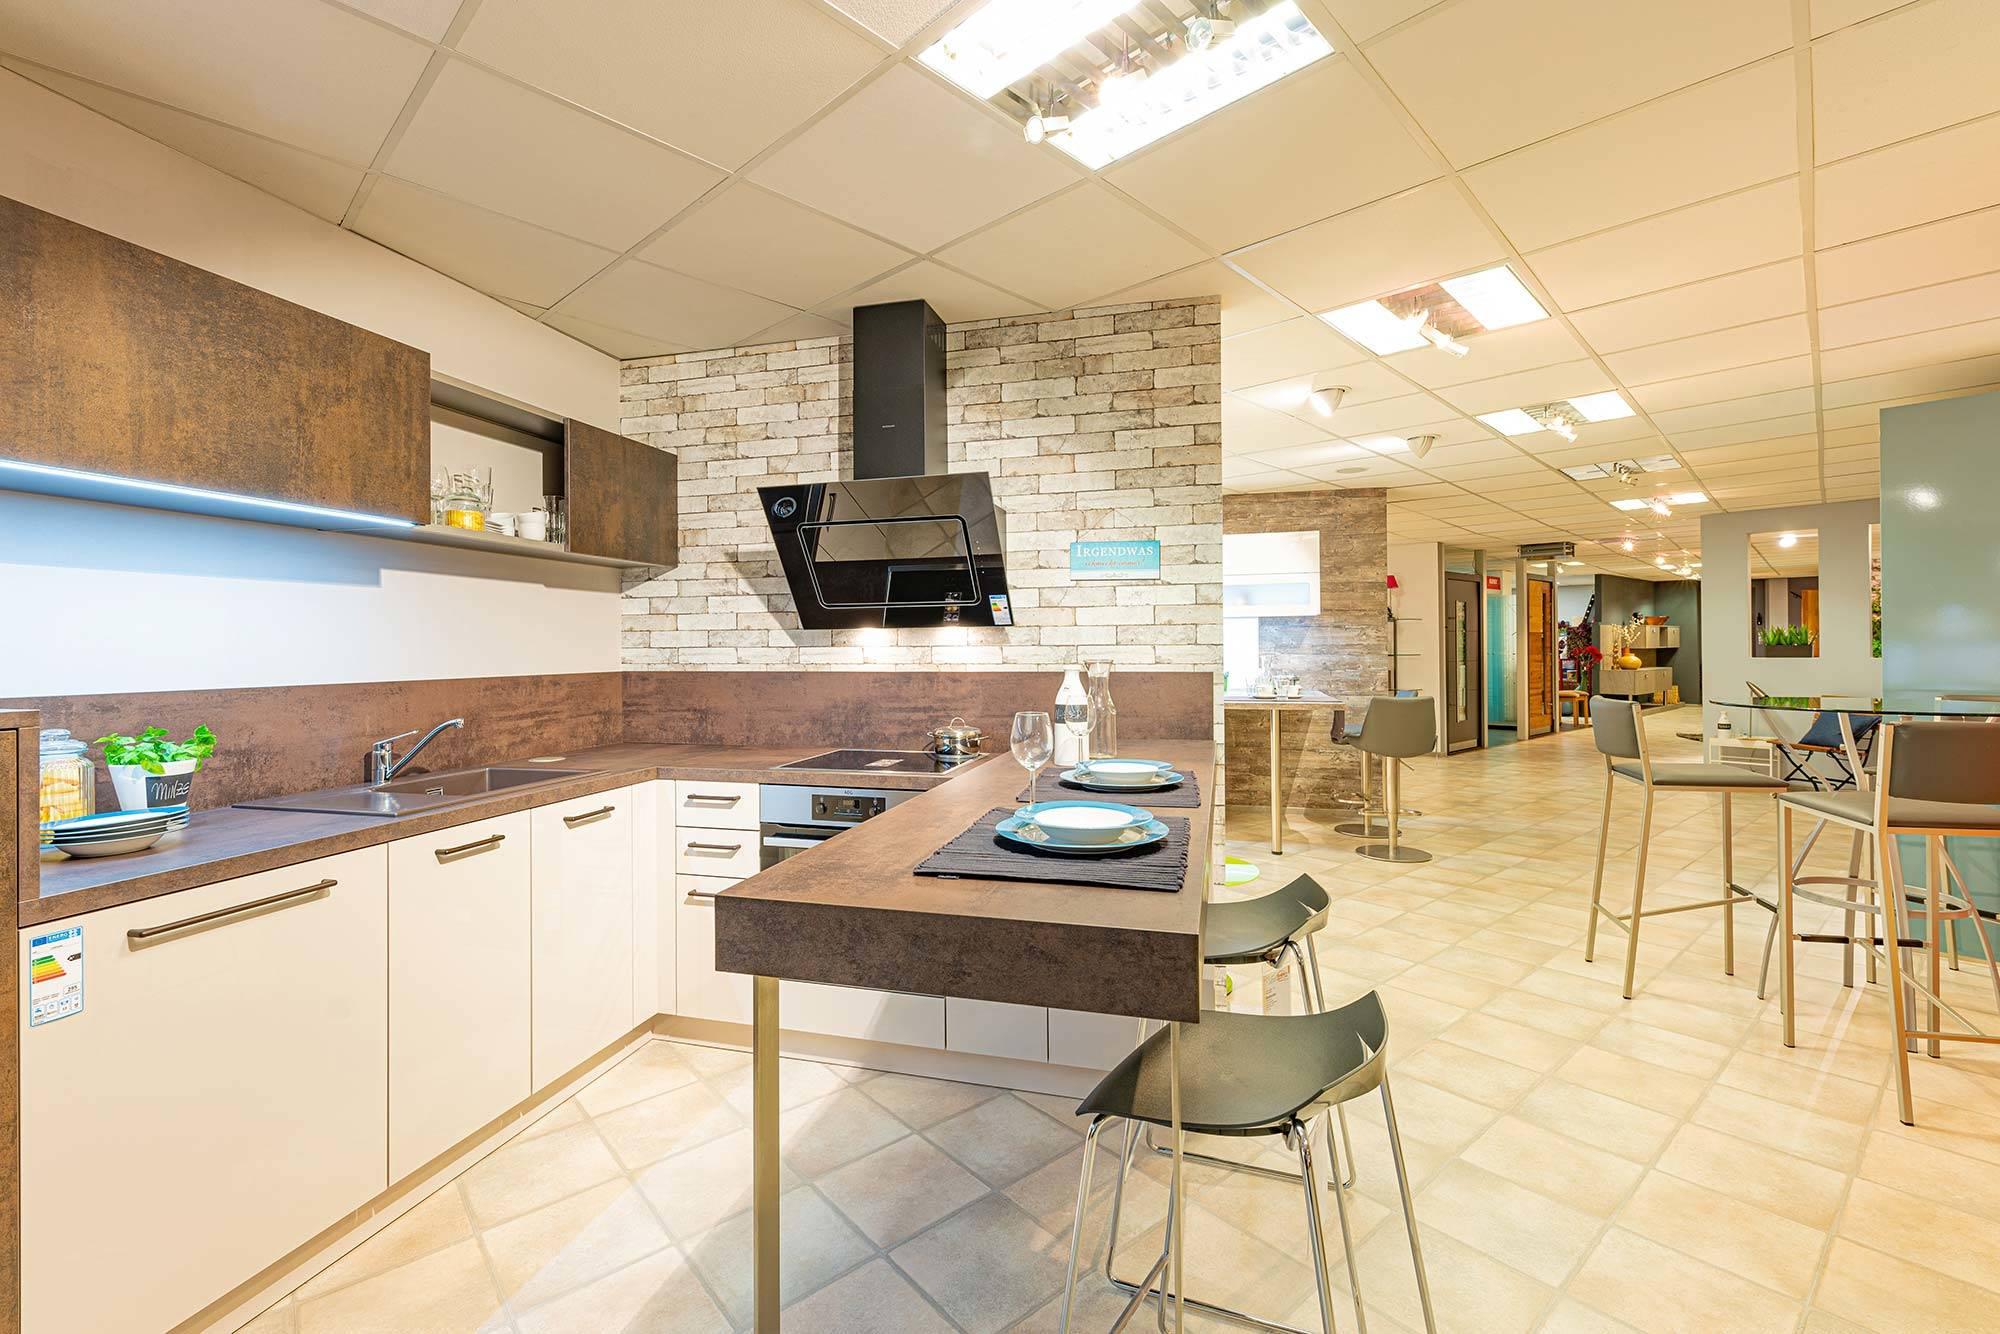 Küche Verkaufsraum Großheubach